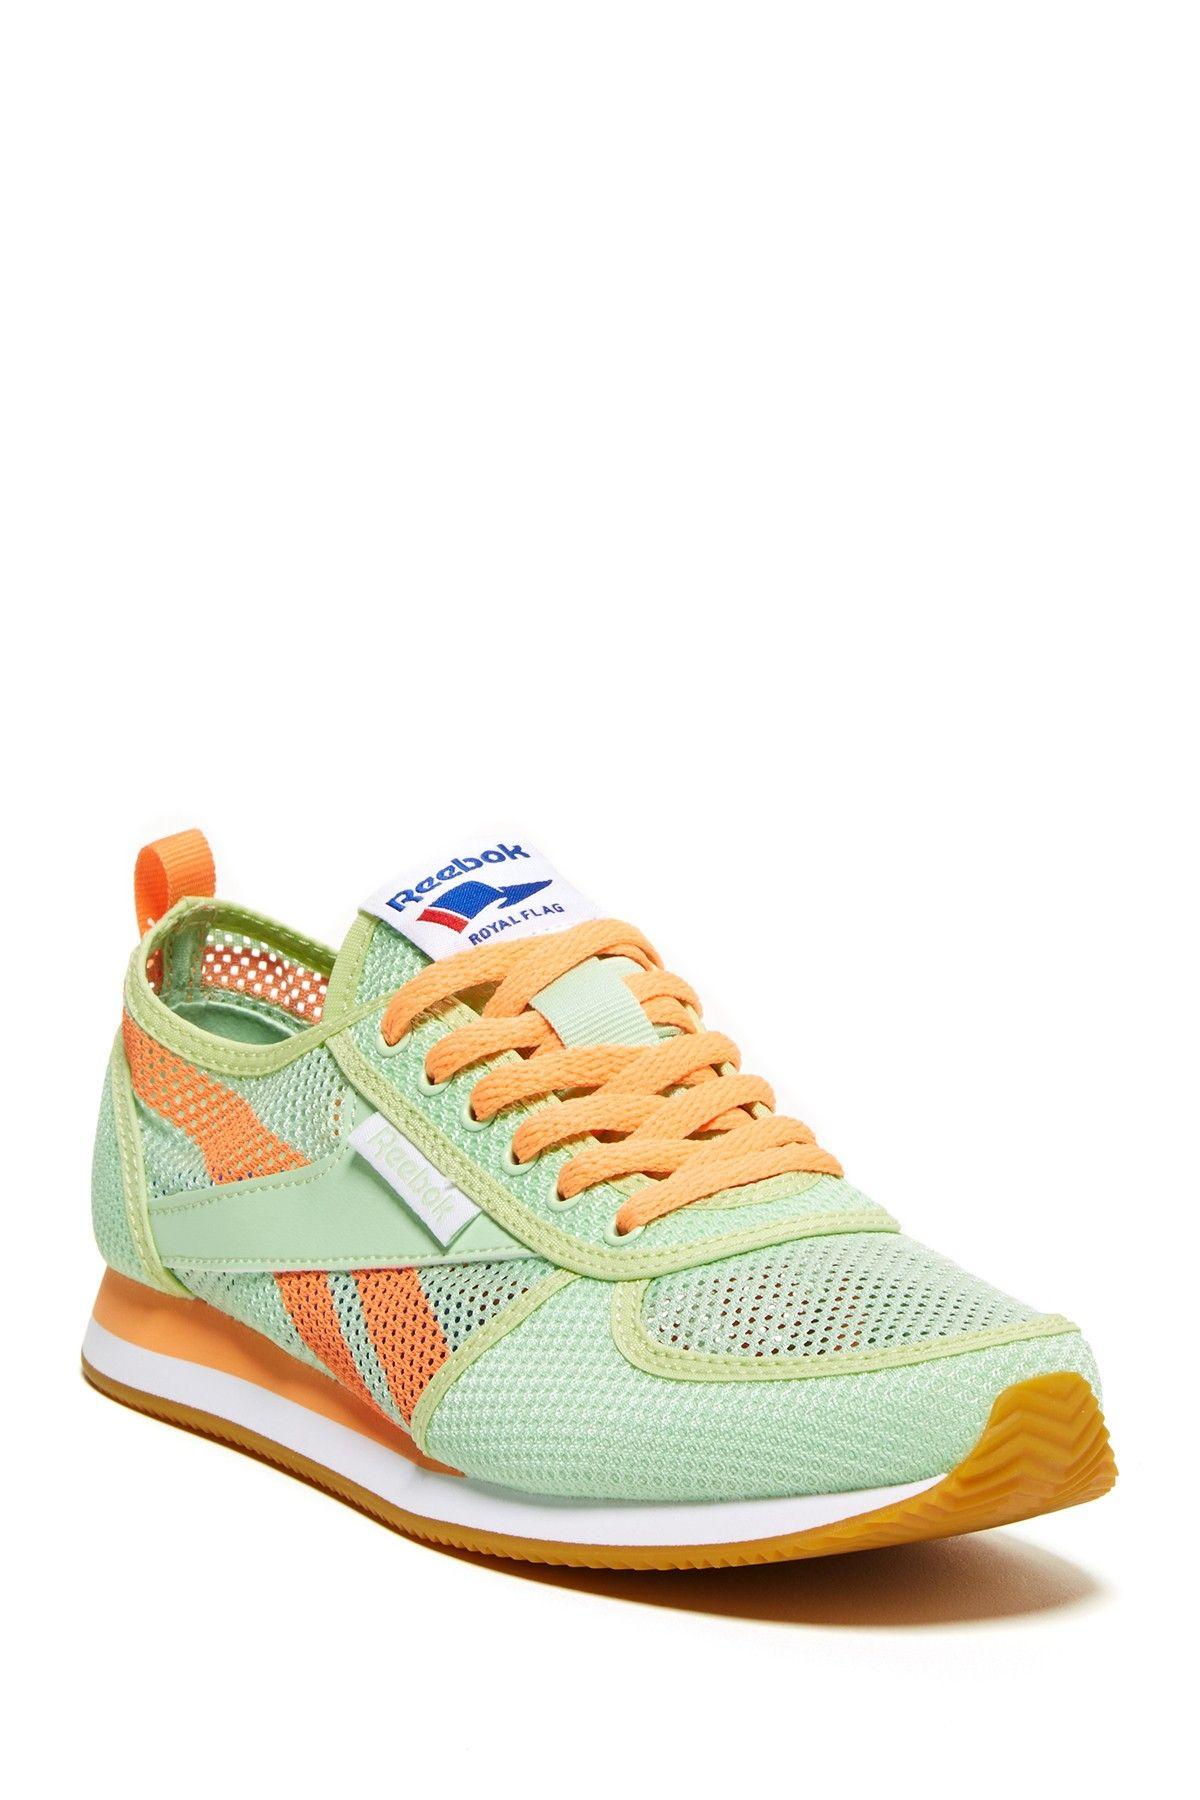 Reebok / Royal CL Jogger Sneaker